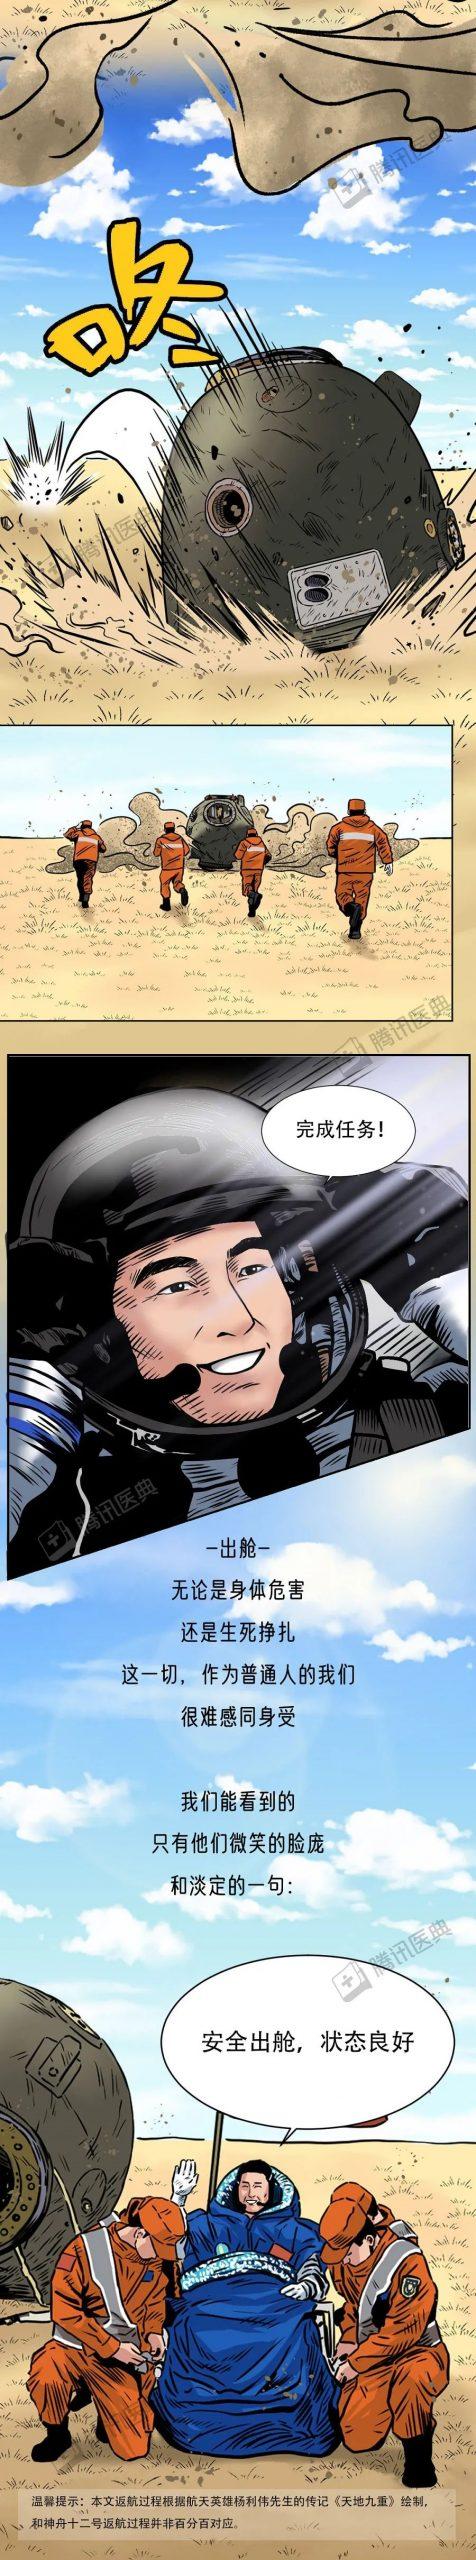 航天员终于回家了,90天!他们的身体变化超出你的想象